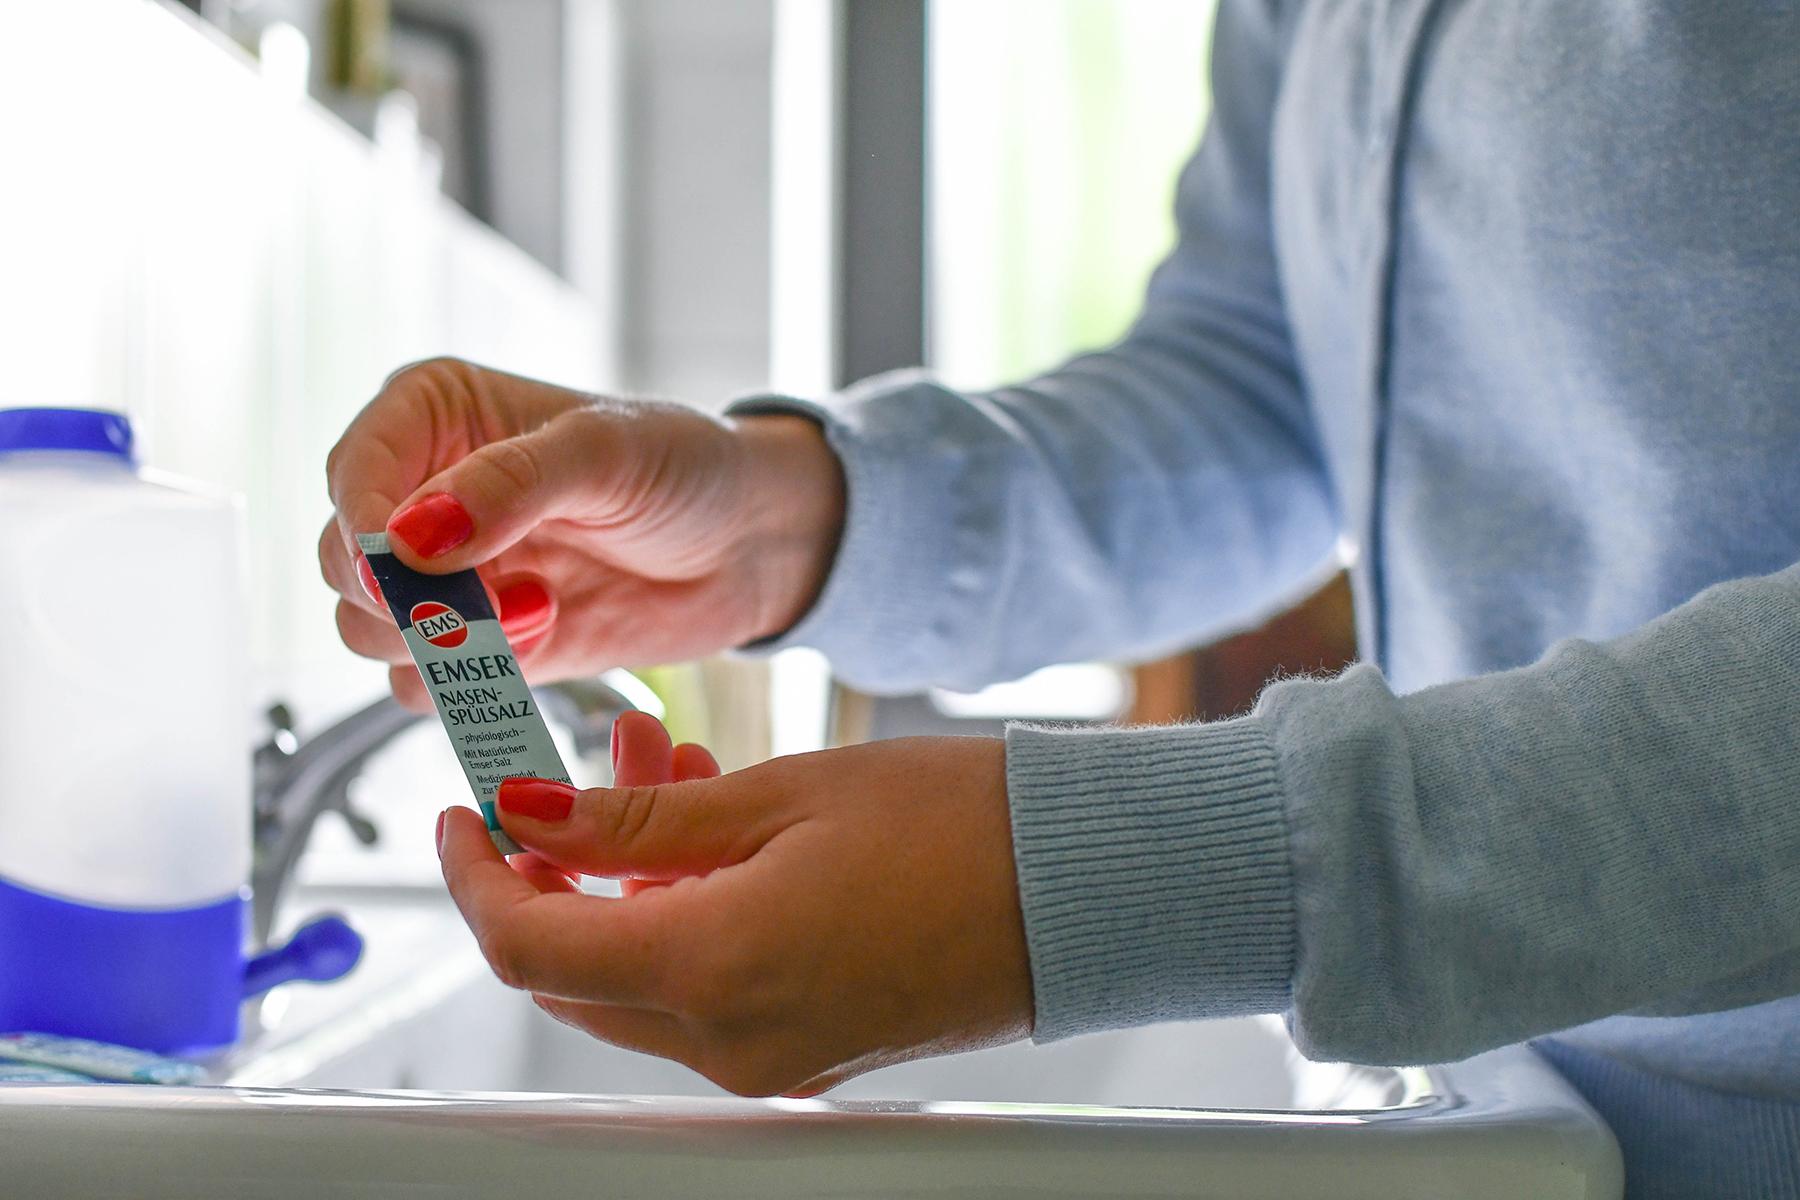 Heuschnupfen - Effektive Tipps für Allergiker